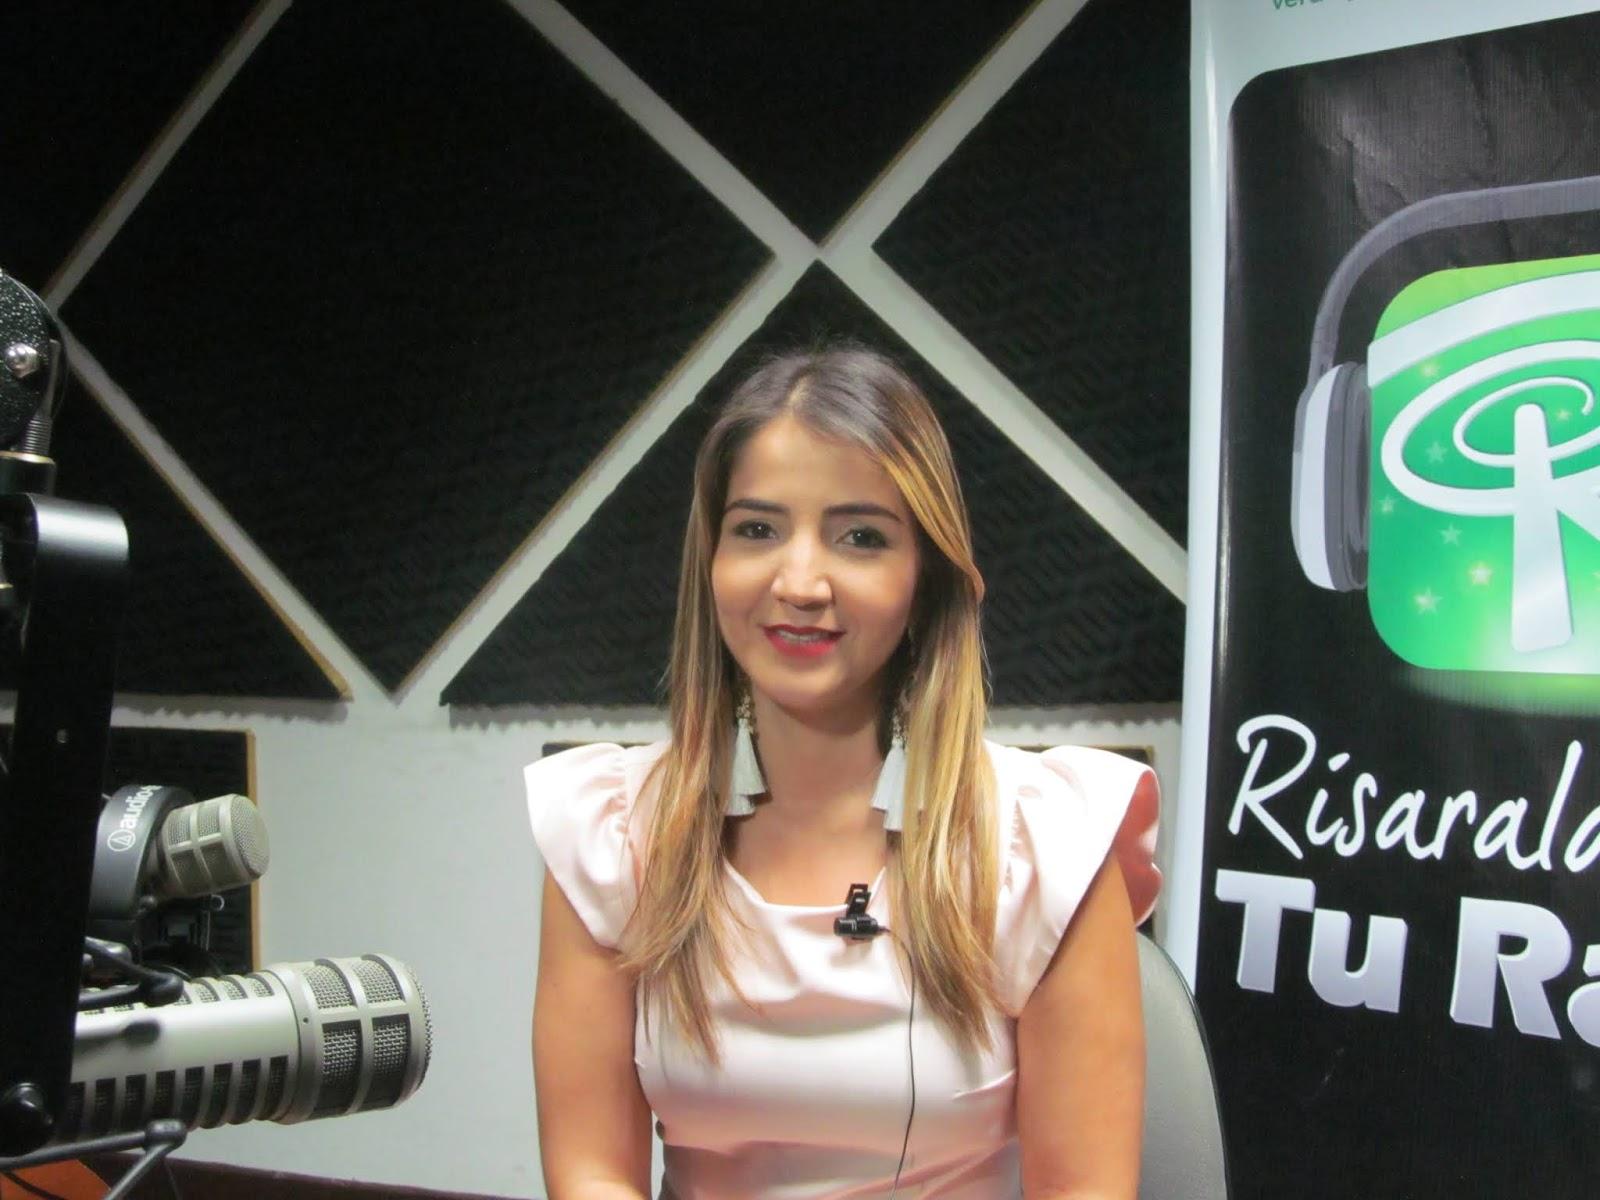 Resultado de imagen para Diana Cristina Hernández Correa, Directora de Comunicaciones Gobernación de Risaralda